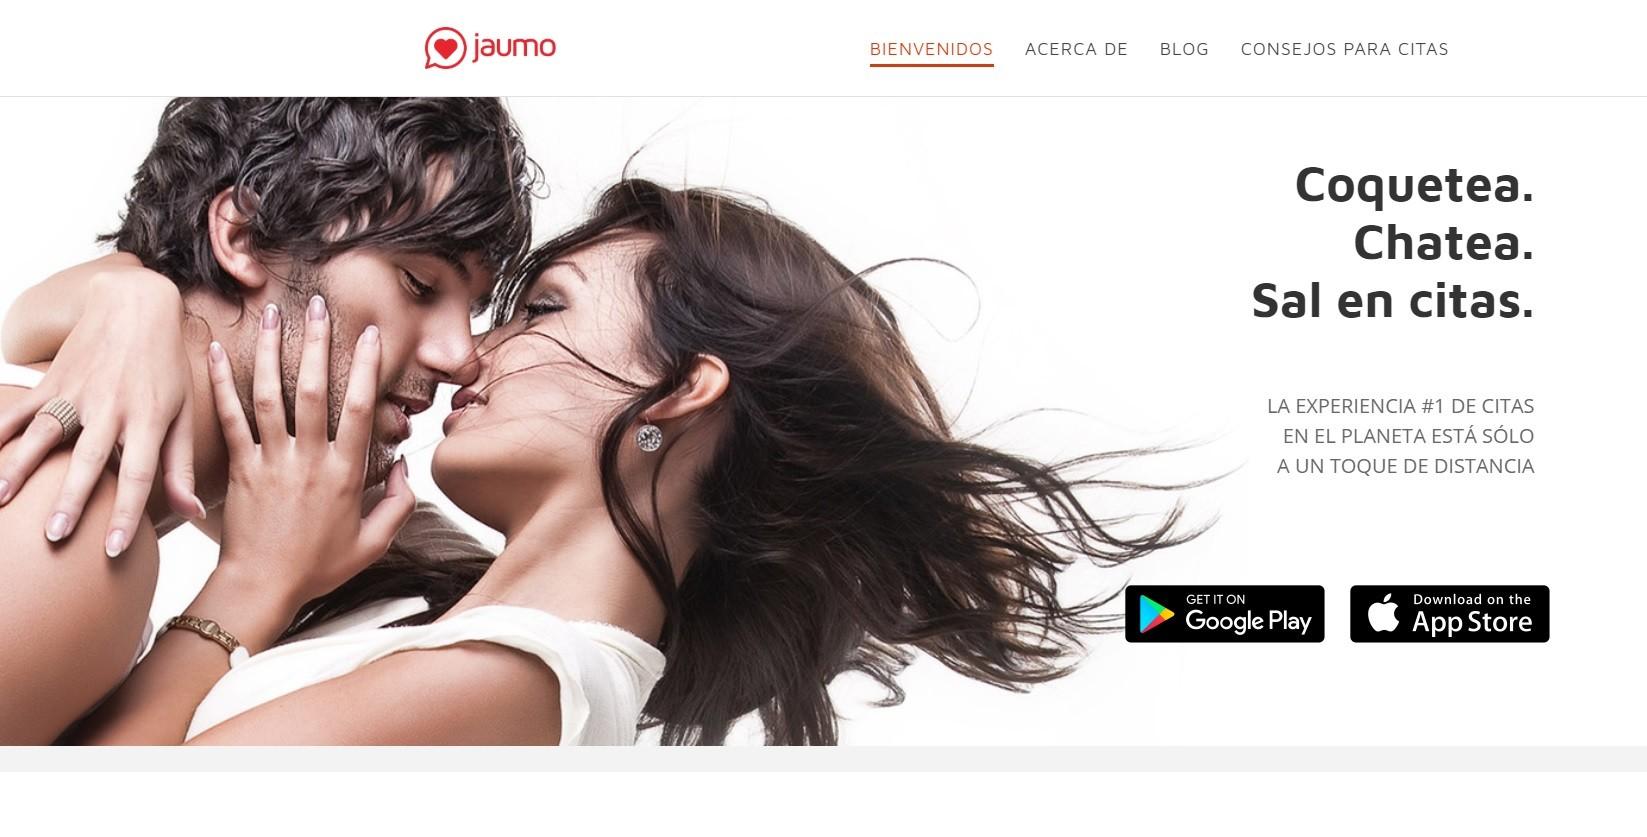 Jaumo, la app de citas de moda